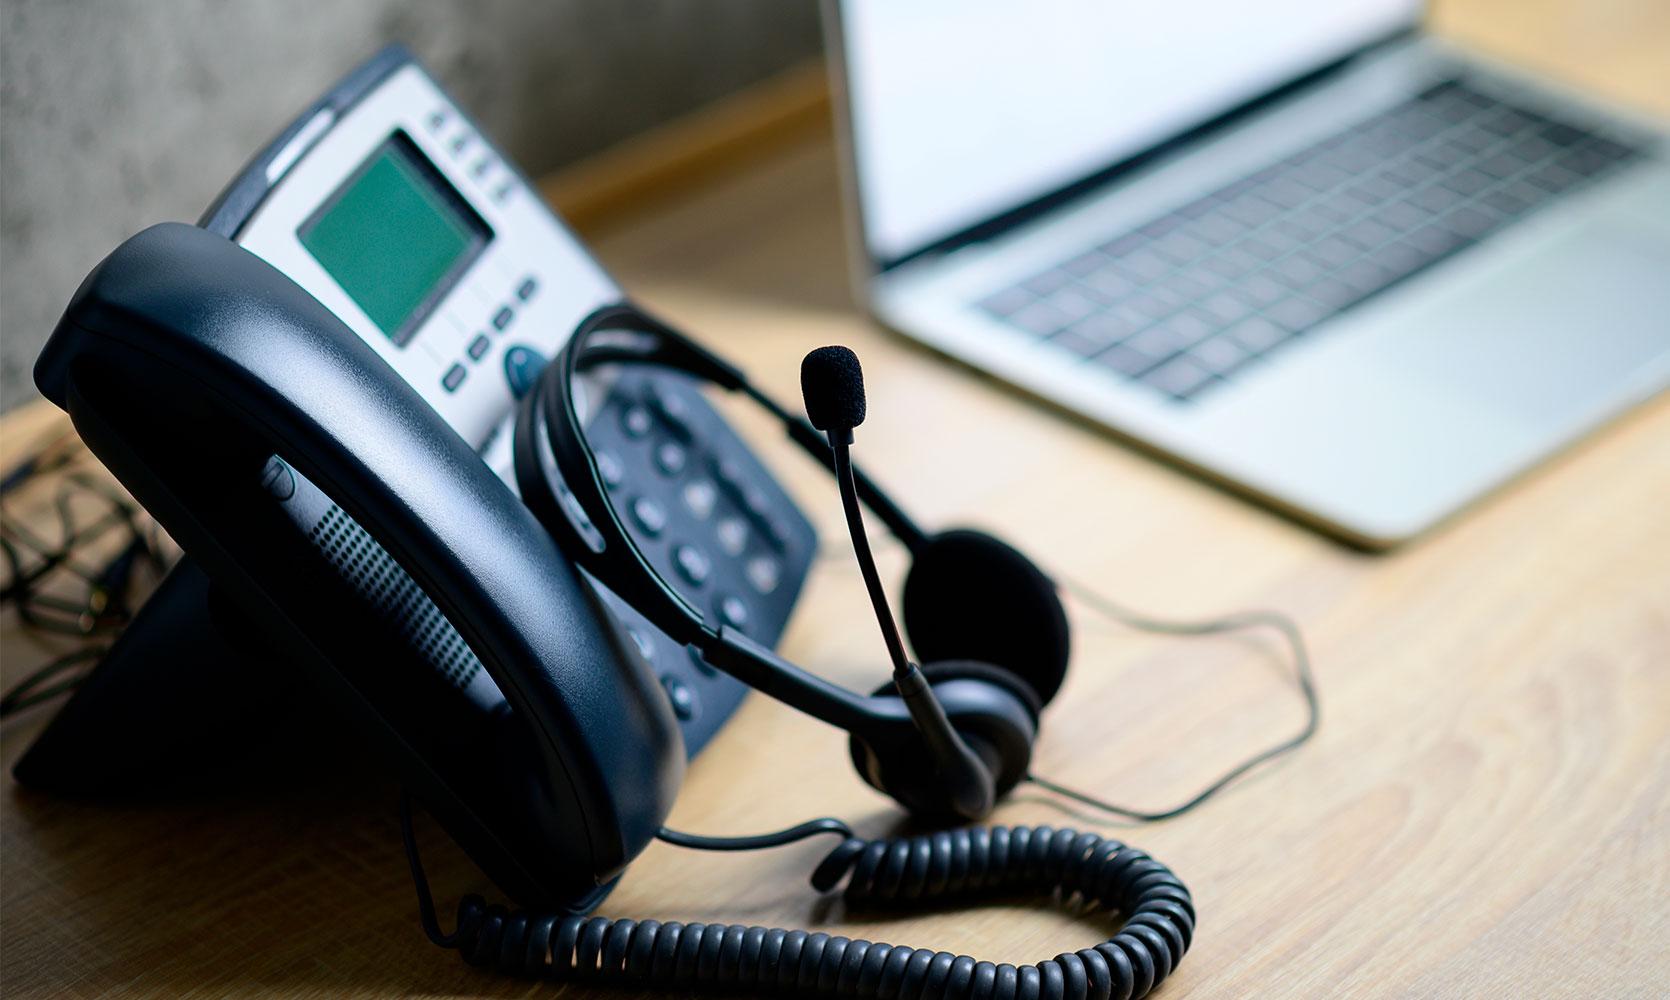 Выбор виртуальной АТС: оцените функциональность и дополнительные возможности сервиса